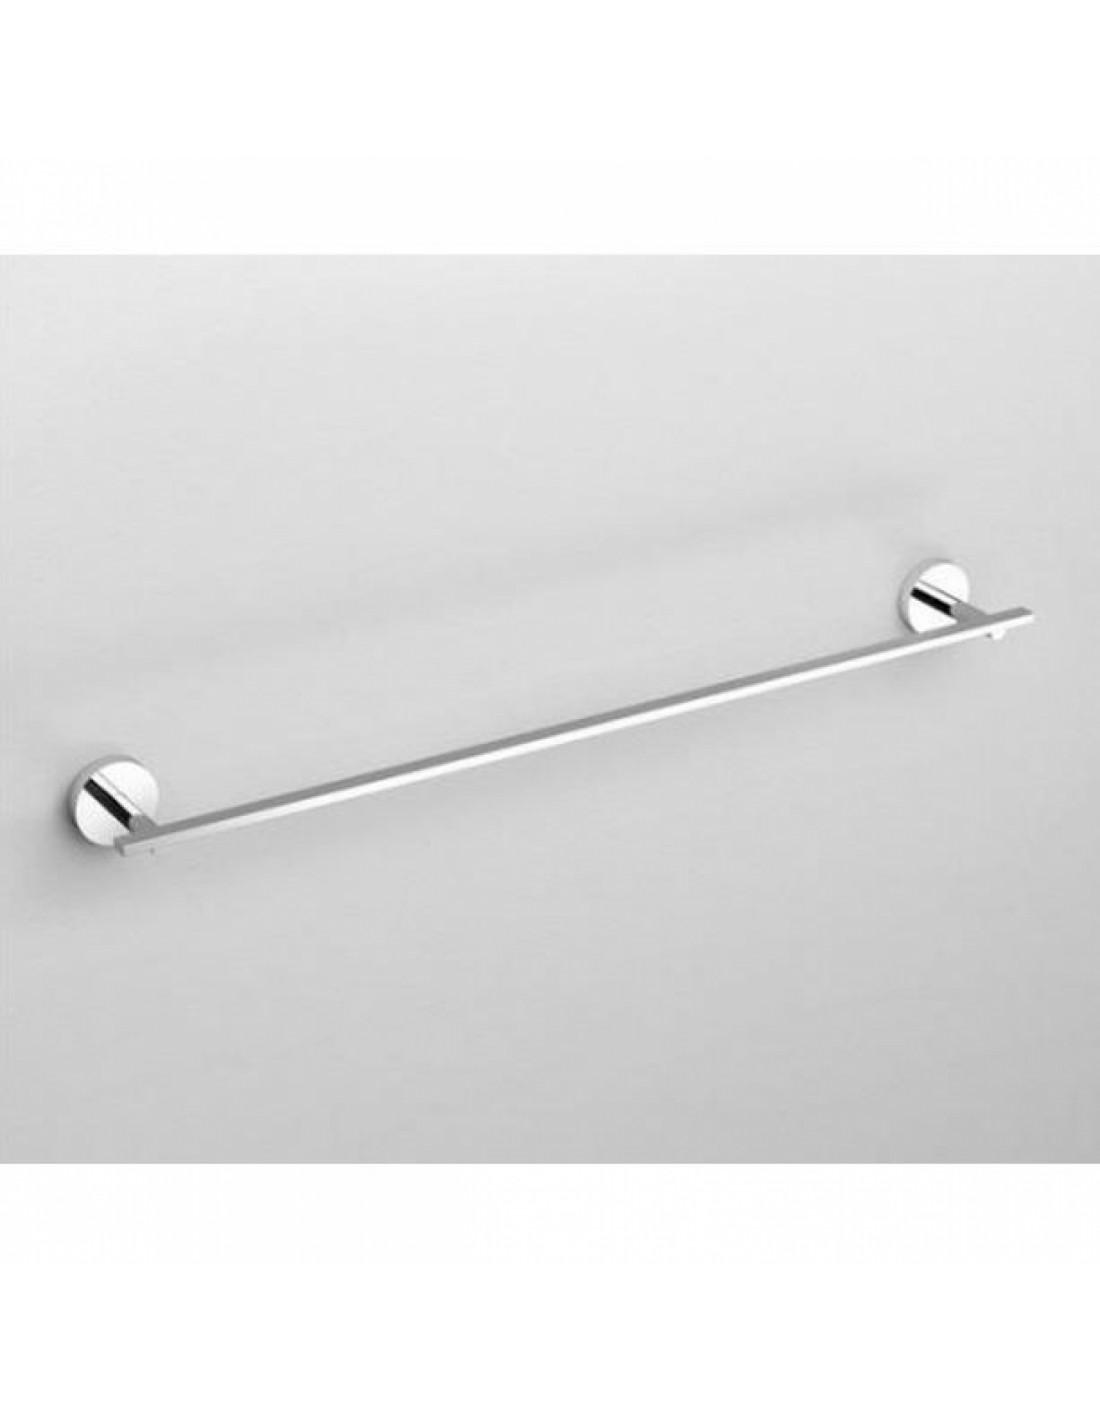 Porte serviette 60 cm flat for Porte isoplane 60 cm